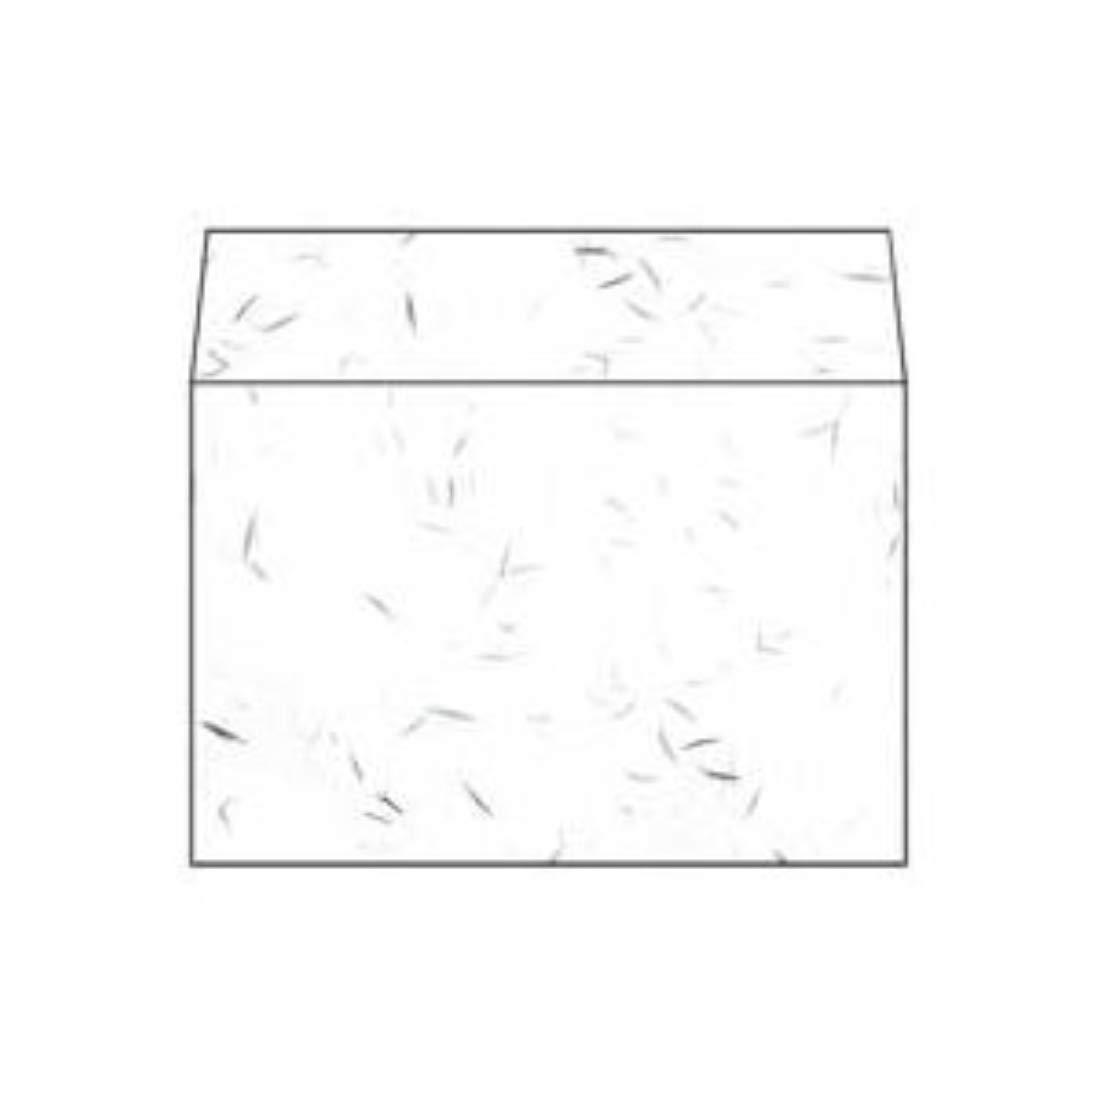 生活日用品 封筒洋形2号 (業務用100セット) B074MM4TV1 10枚 和み紙 ナフ-411 封筒洋形2号 10枚 B074MM4TV1, ベストアンサーの宝ショップ:e56ea6d8 --- fooddim.club